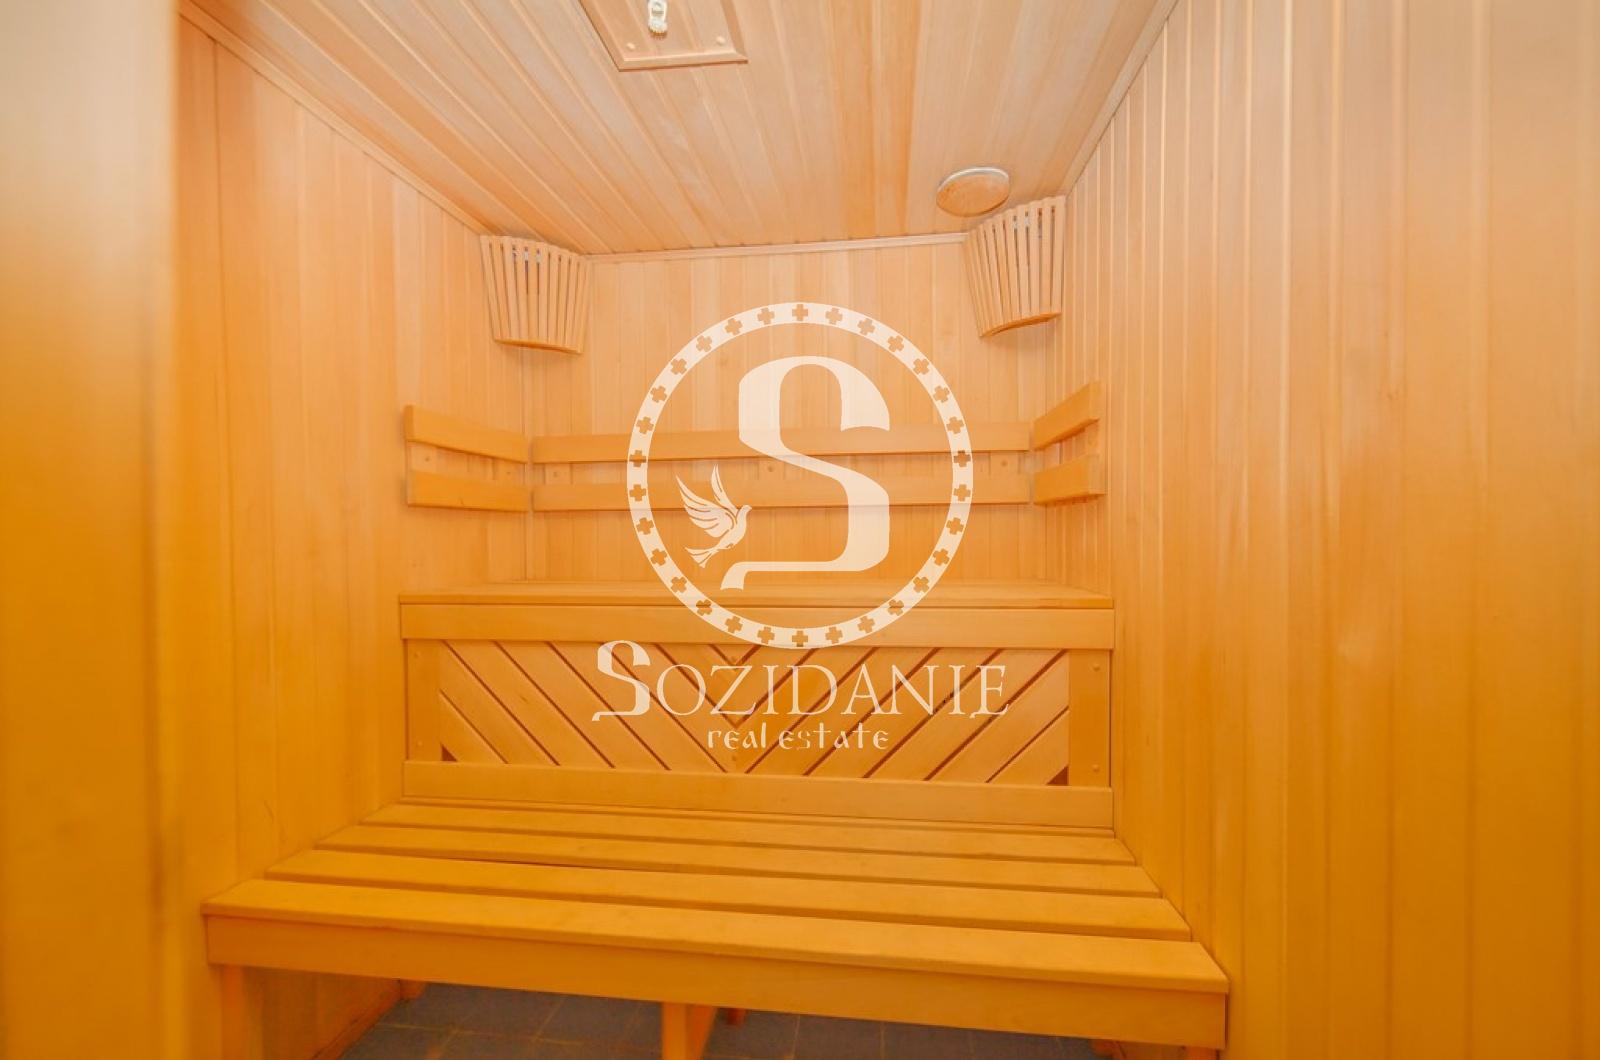 5 Bedrooms, Загородная, Аренда, Listing ID 1156, Московская область, Россия,